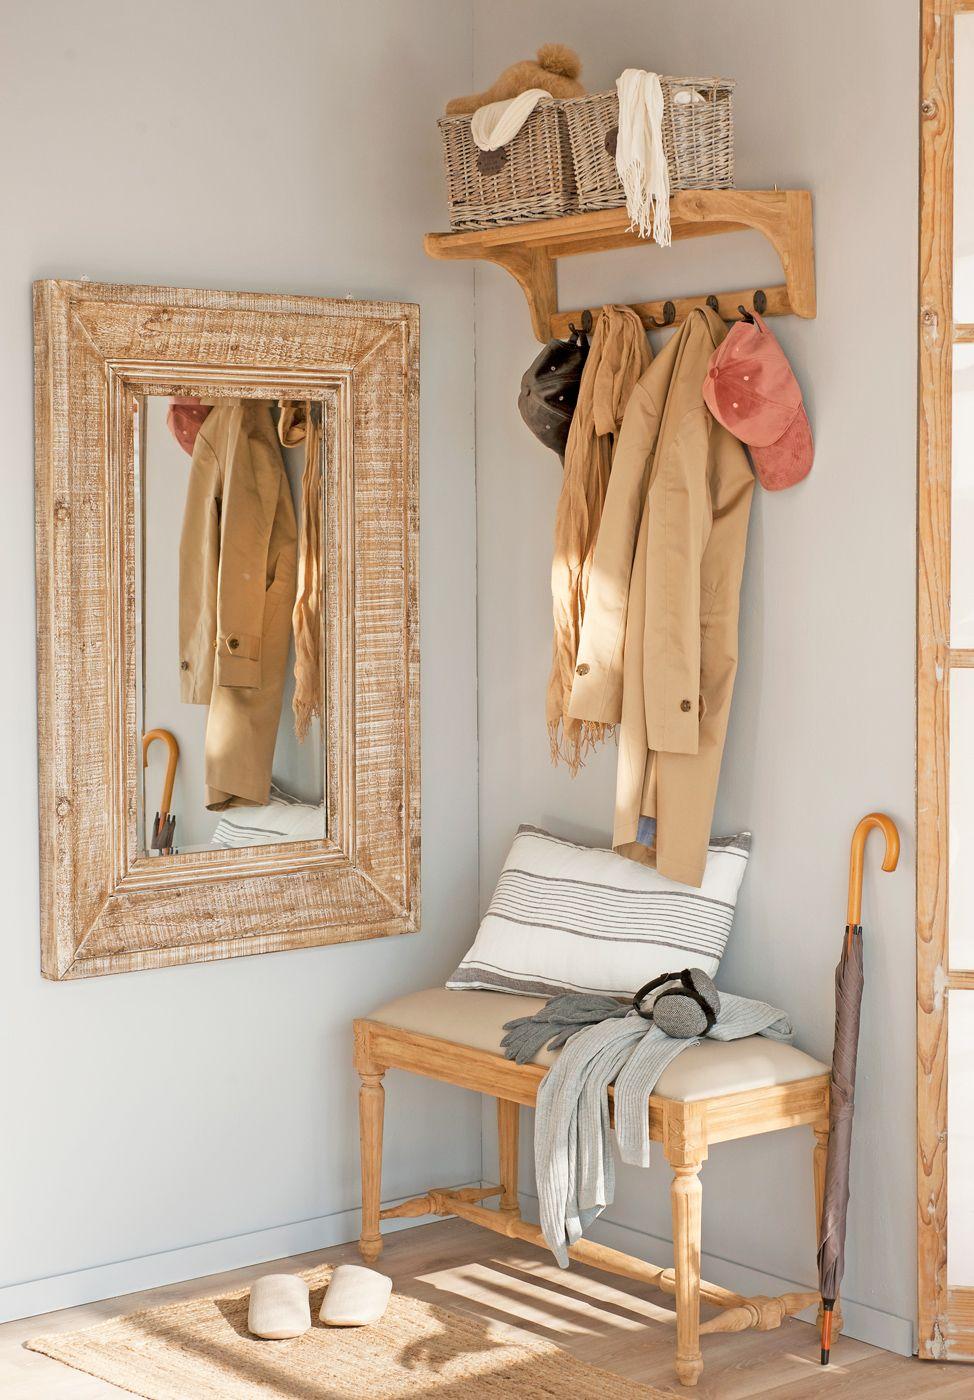 00454888 O. Recibidor con perchero con estante, espejo y banco de ...